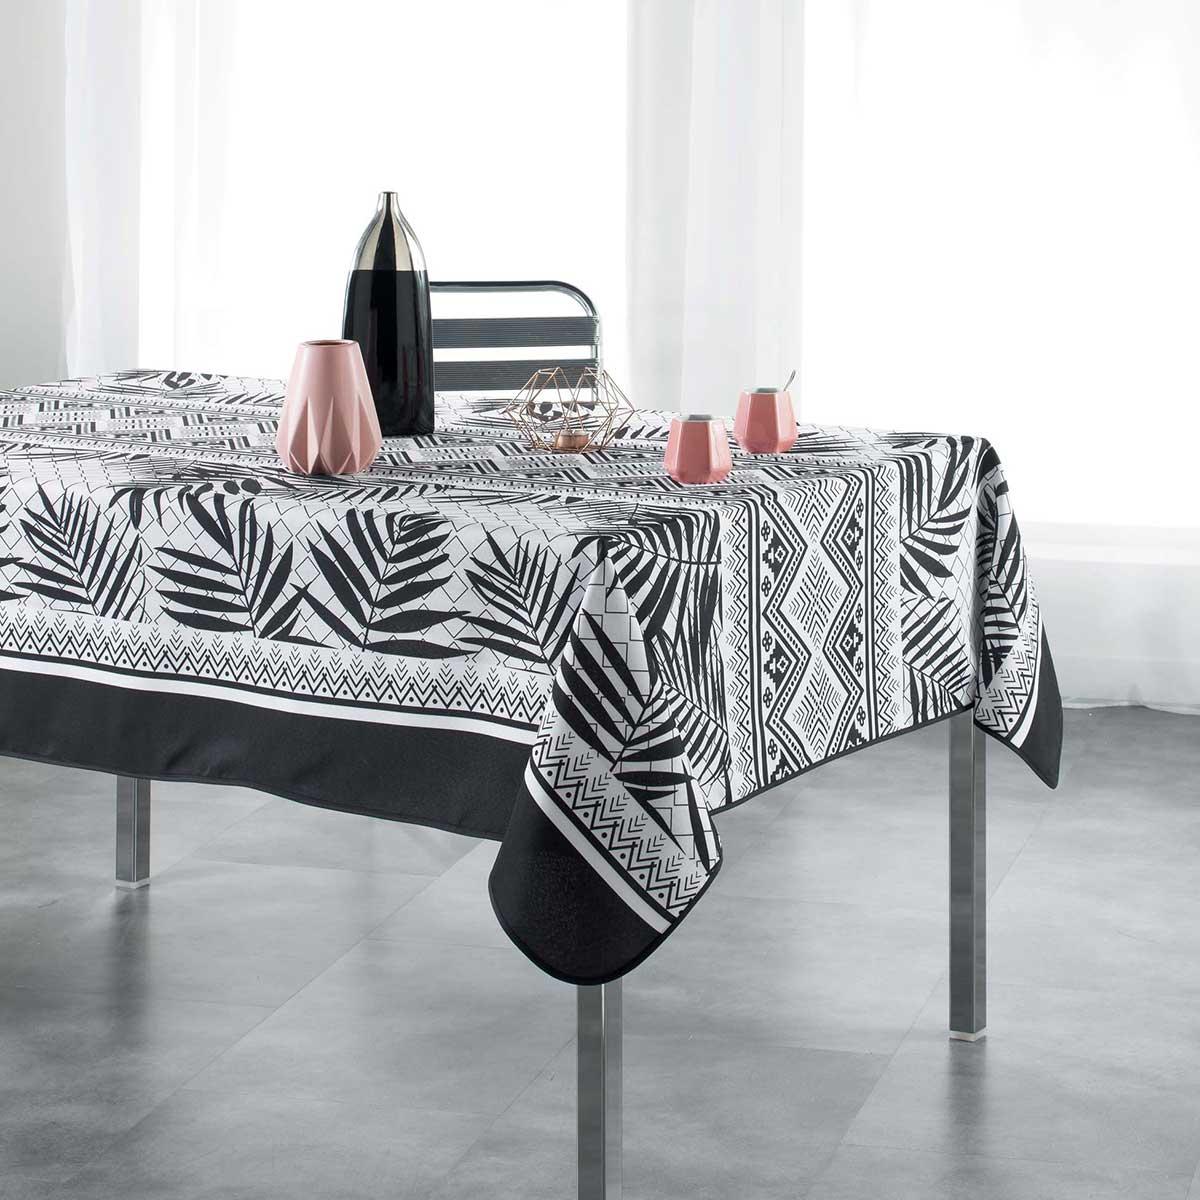 nappe rectangulaire imprim e en blanc et noir blanc et. Black Bedroom Furniture Sets. Home Design Ideas